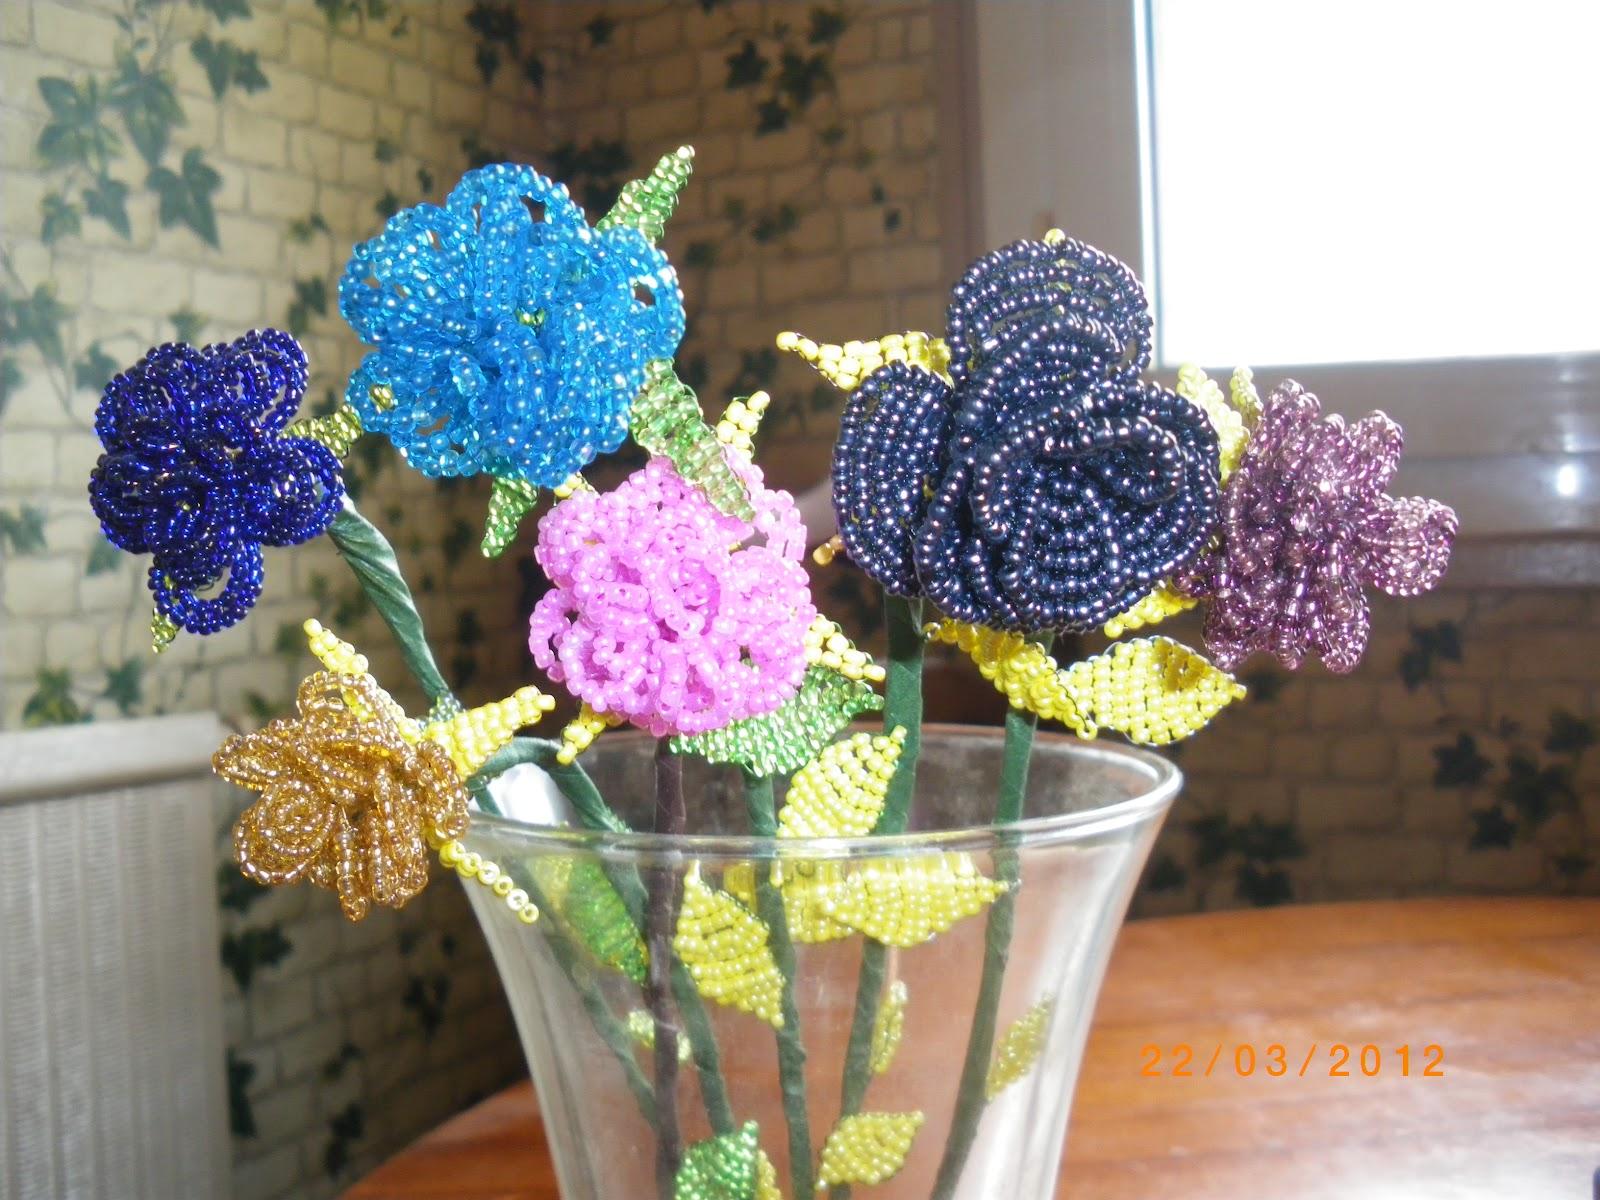 mes fleurs en perle de rocaille cr ations d 39 aurore. Black Bedroom Furniture Sets. Home Design Ideas